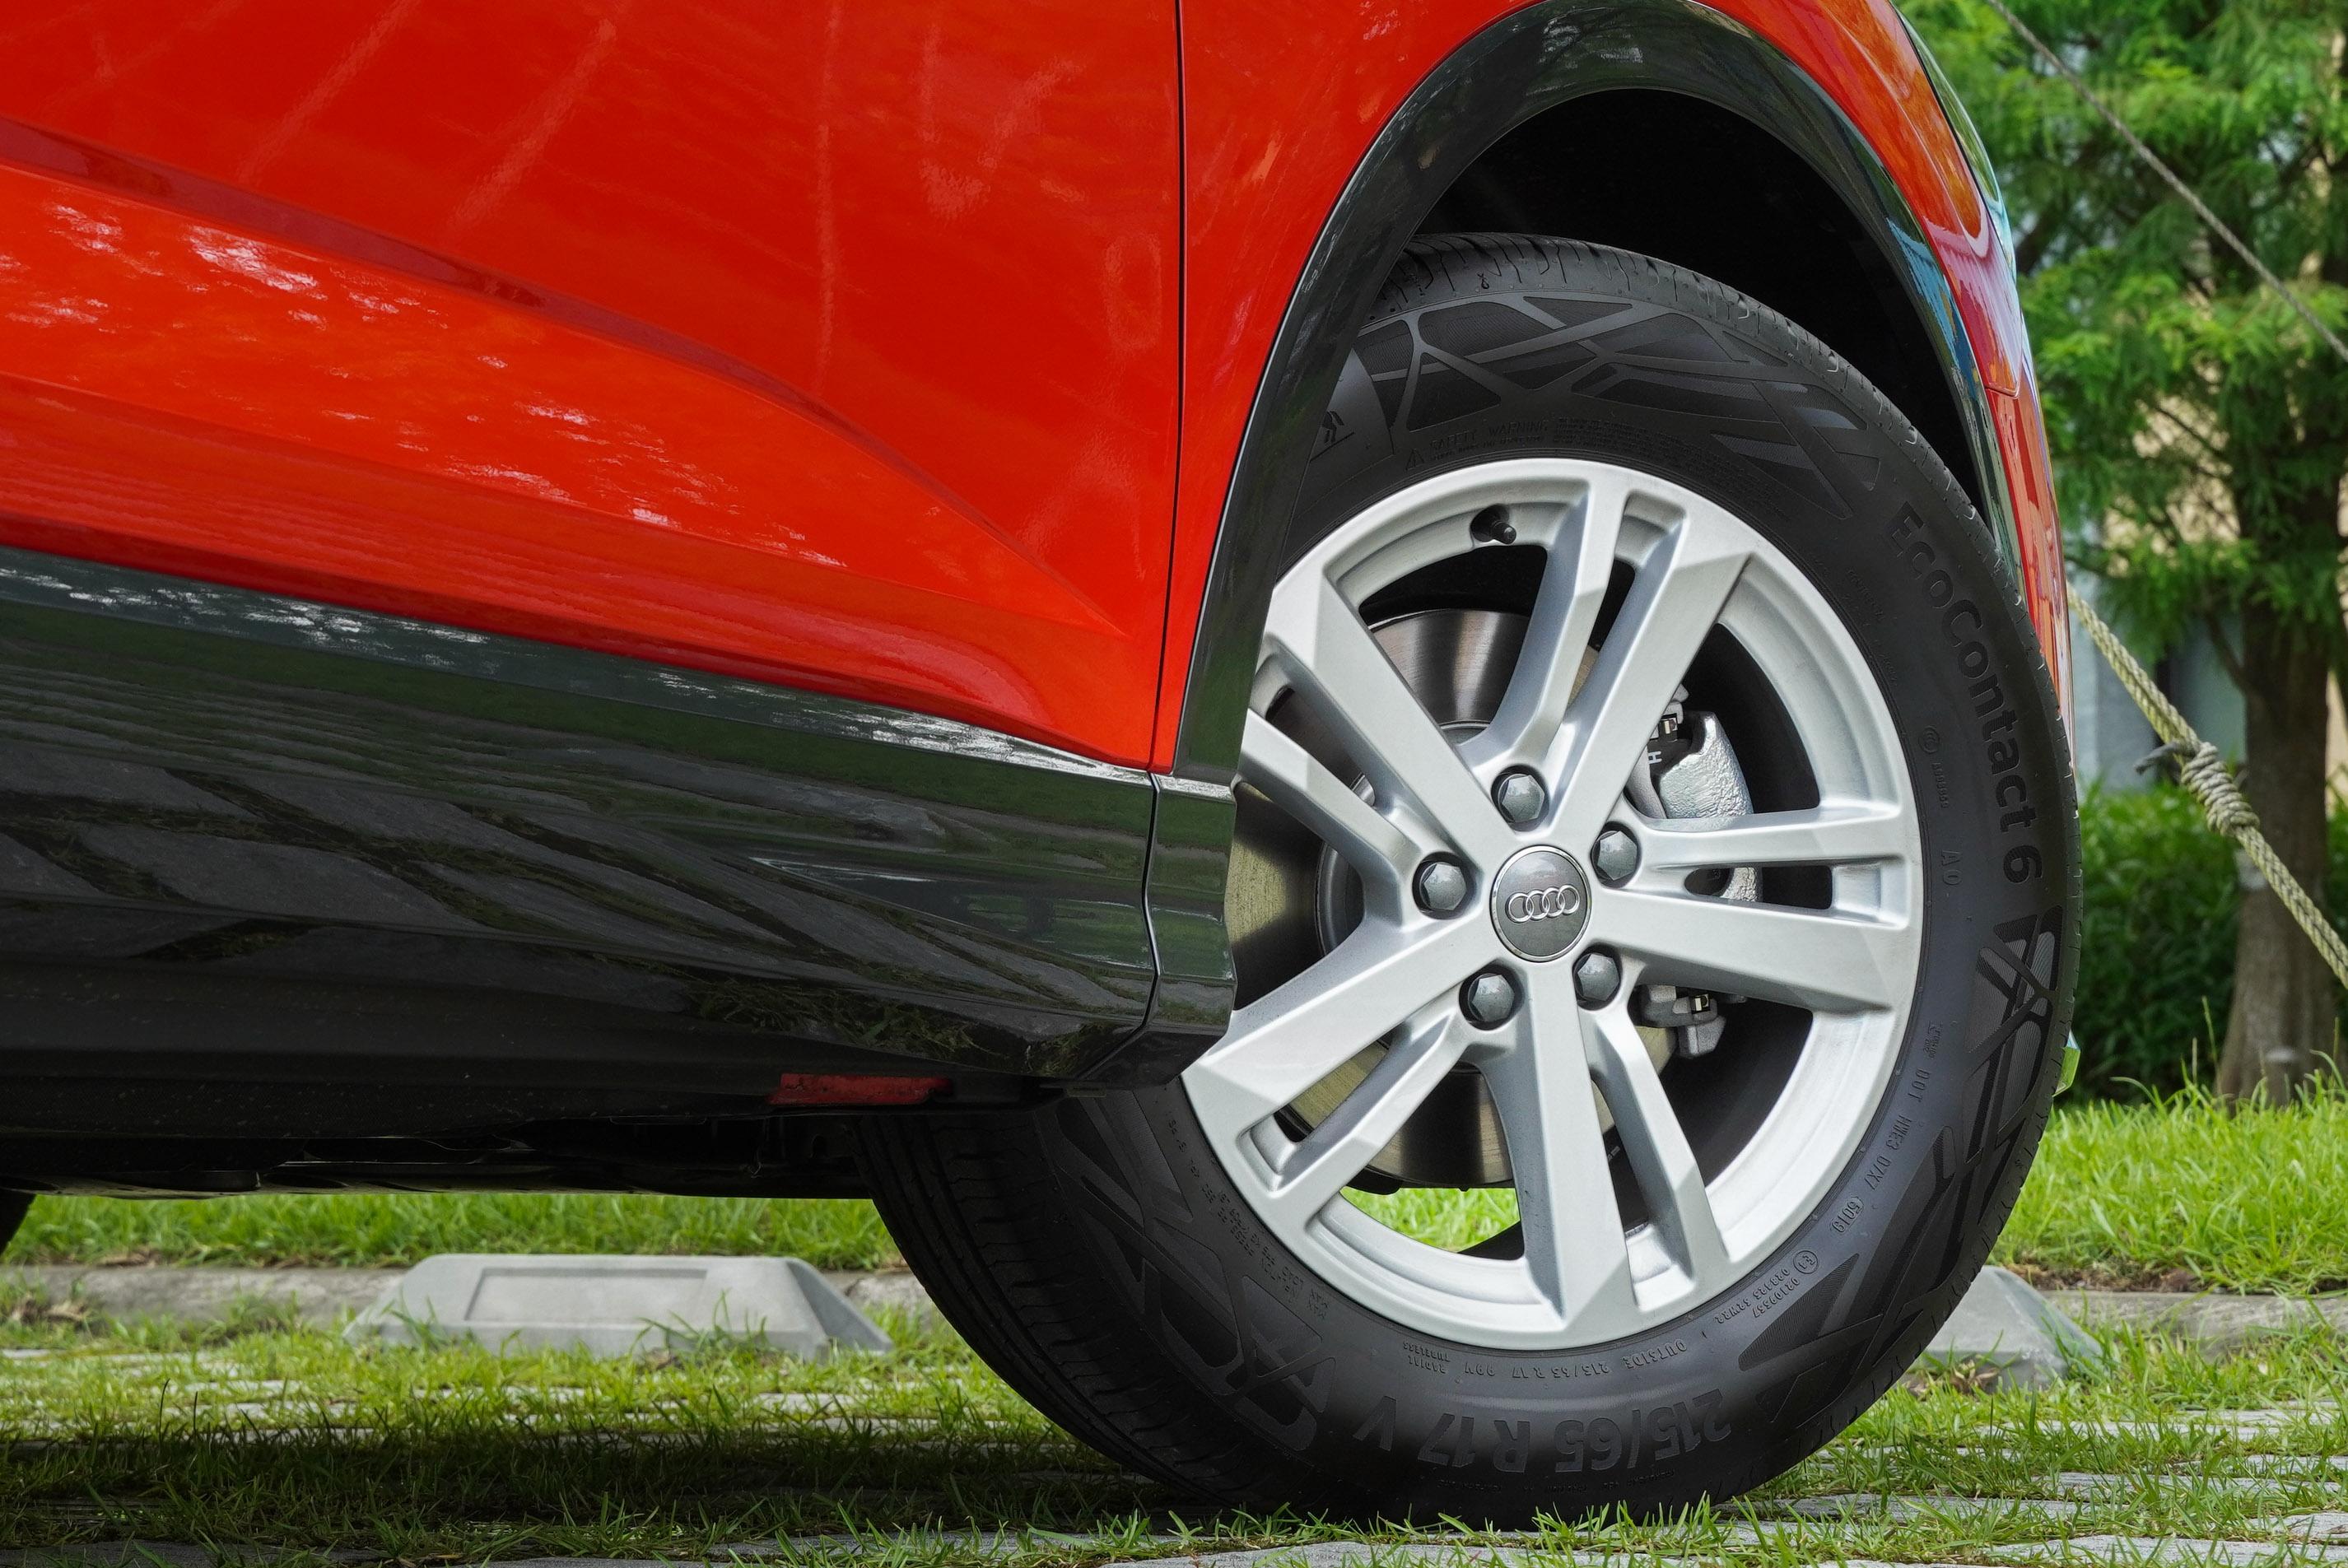 標準版配備 17 吋輪圈,S line 則採用 18 吋。